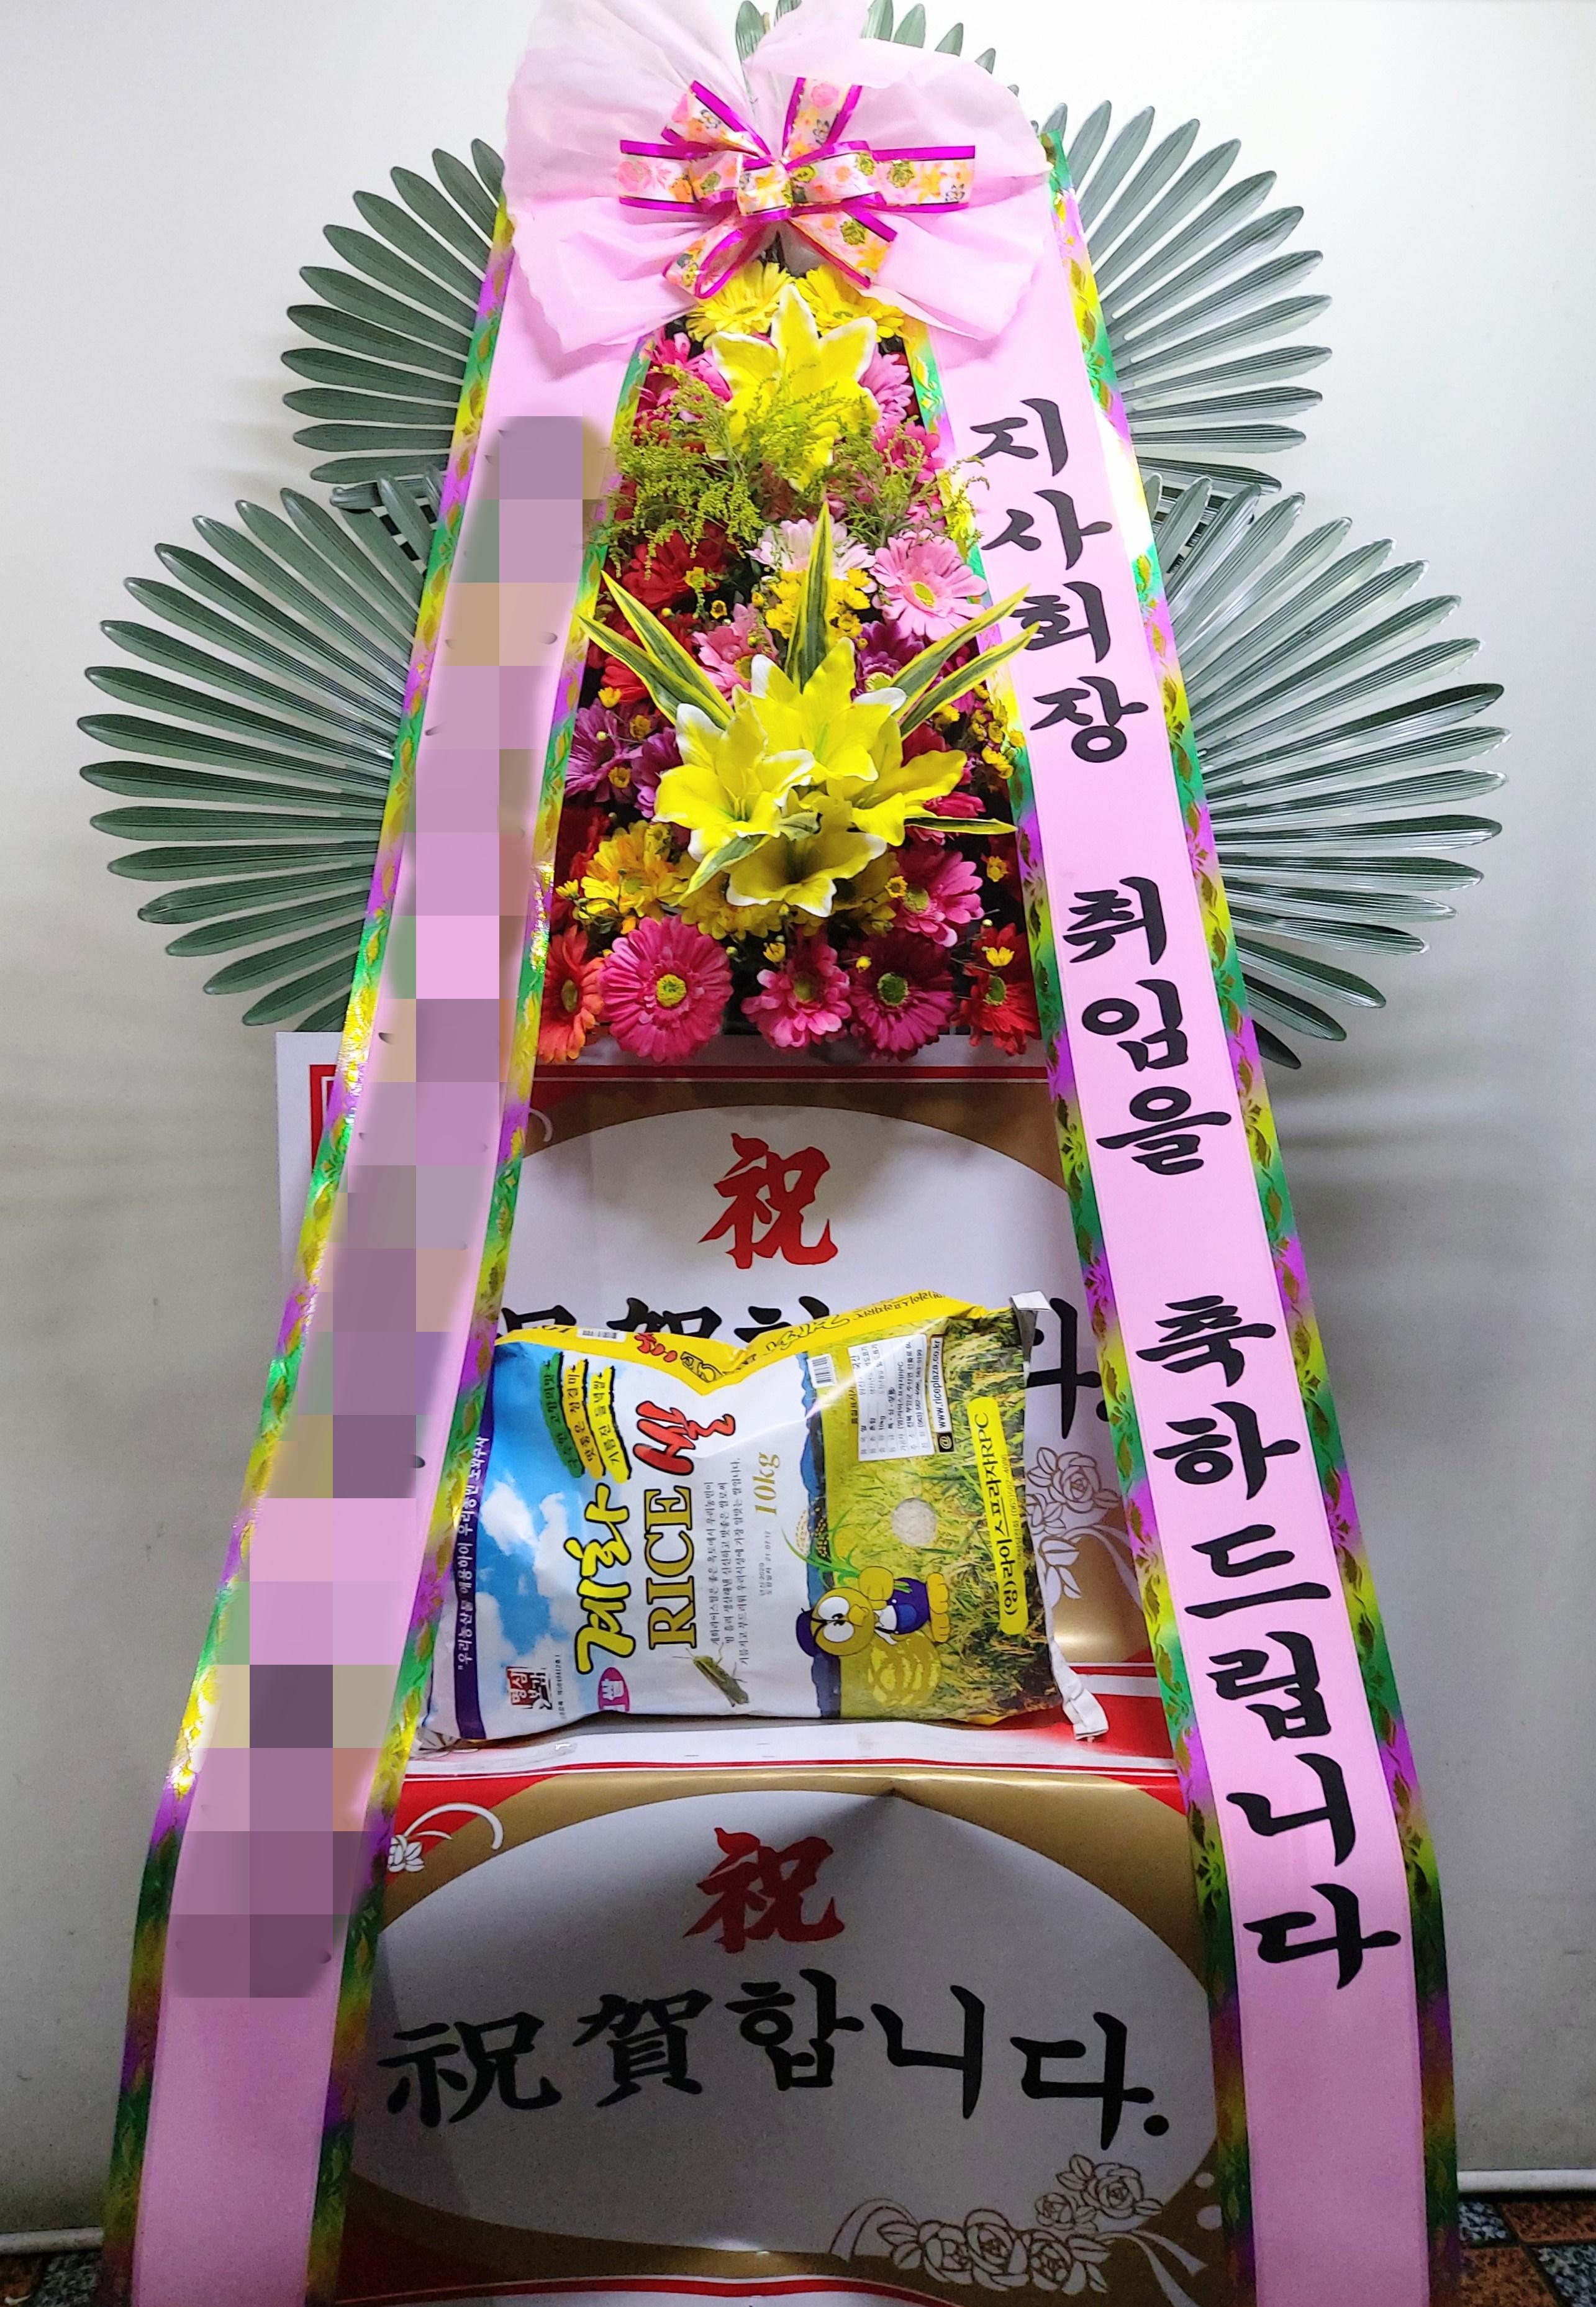 주문자 강ㅇㅇ 광주광역시로 배송된 상품사진입니다